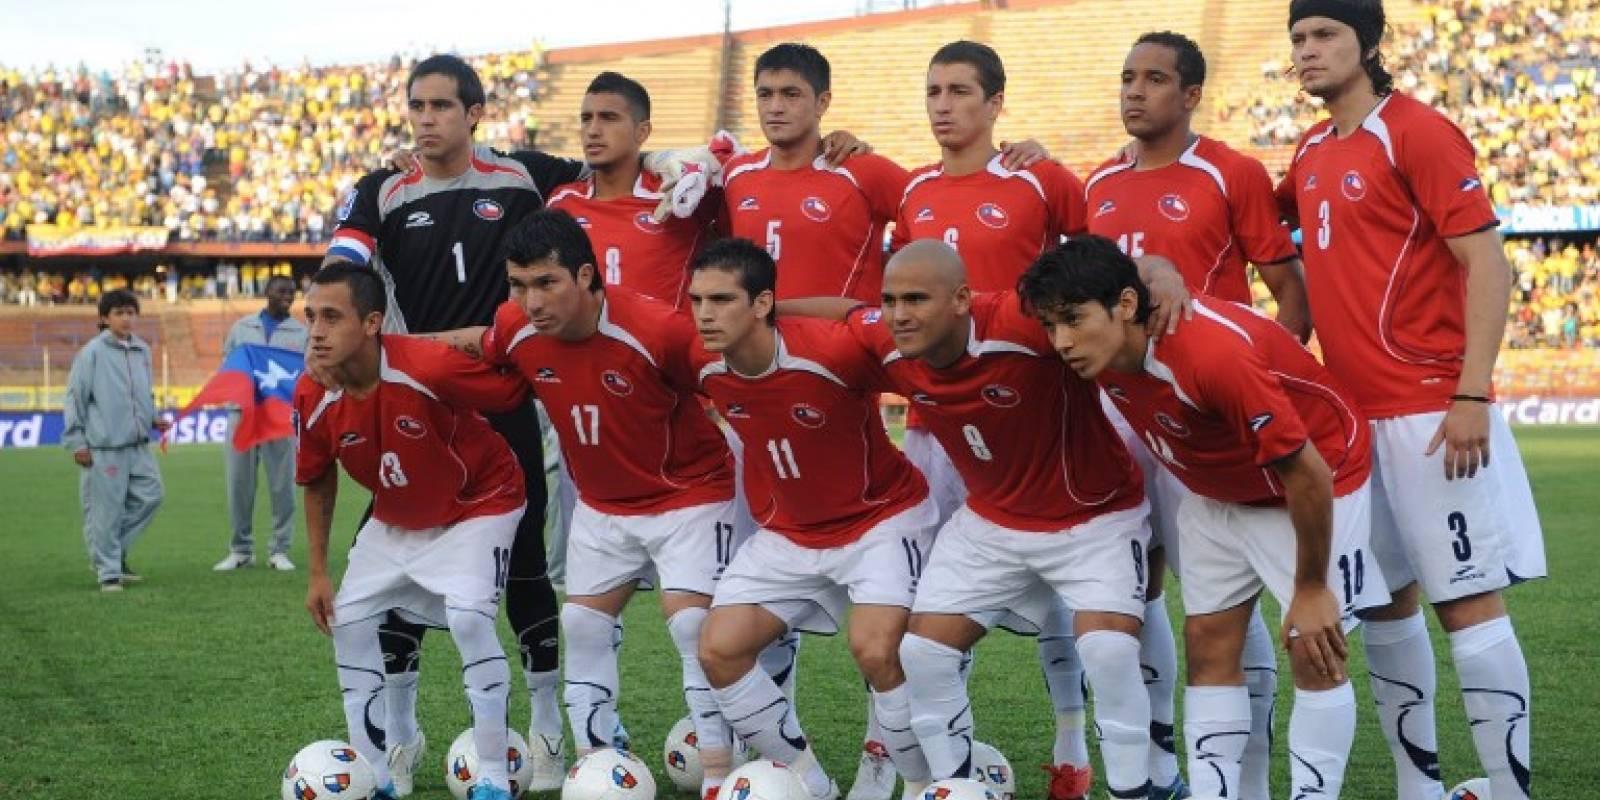 La Roja en la clasificación a Sudáfrica 2010 ante Colombia - AFP